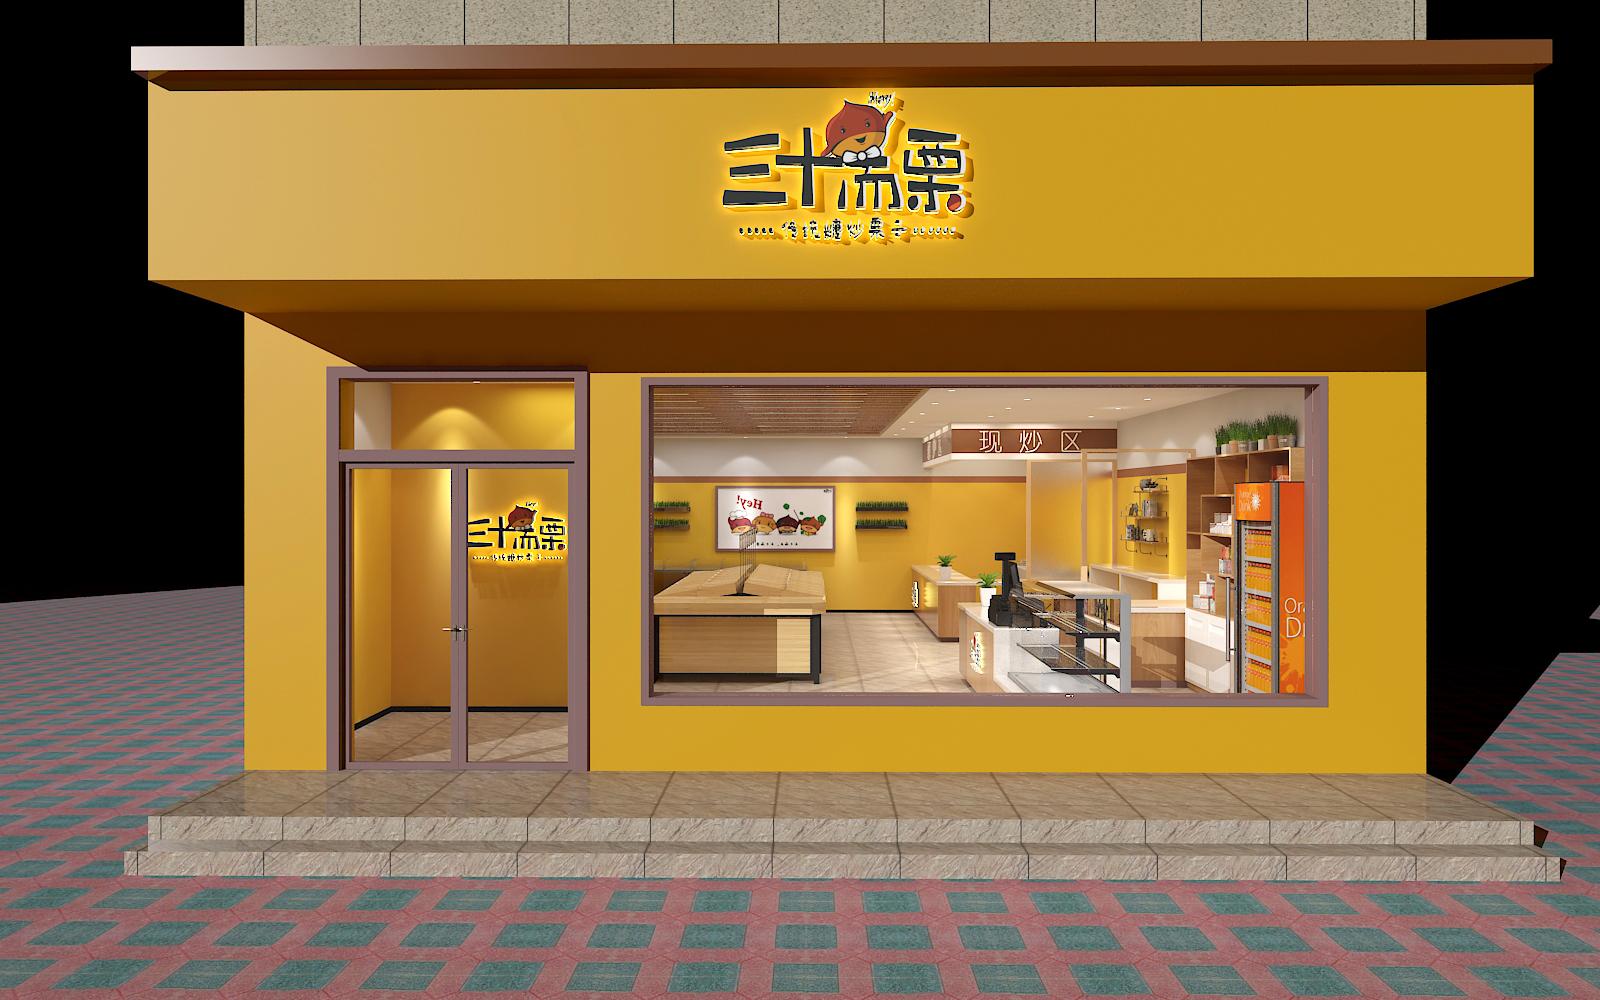 门头设计店面招牌公司饭店酒店学校创意店招门头外立面效果图设计